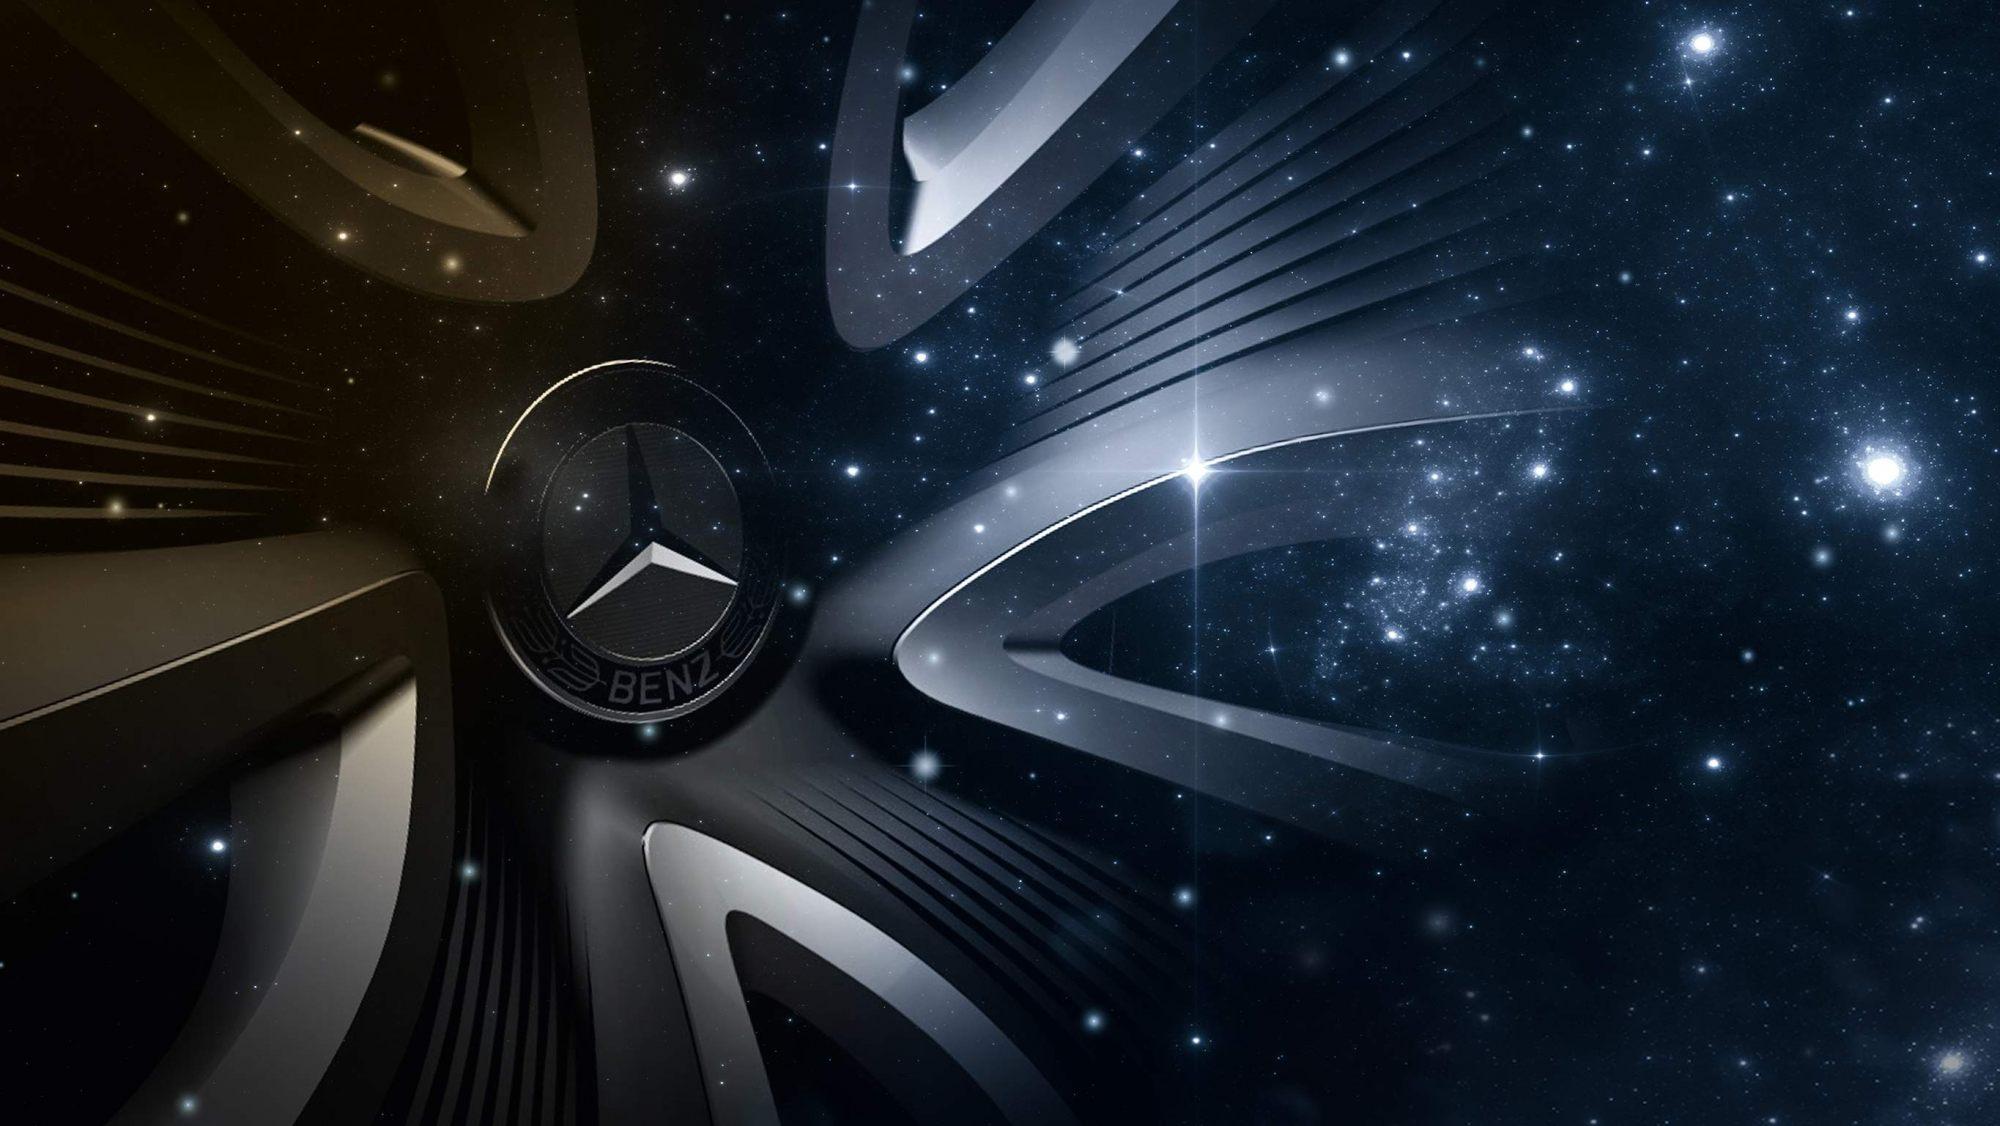 Світ Mercedes: Інсайт дизайну